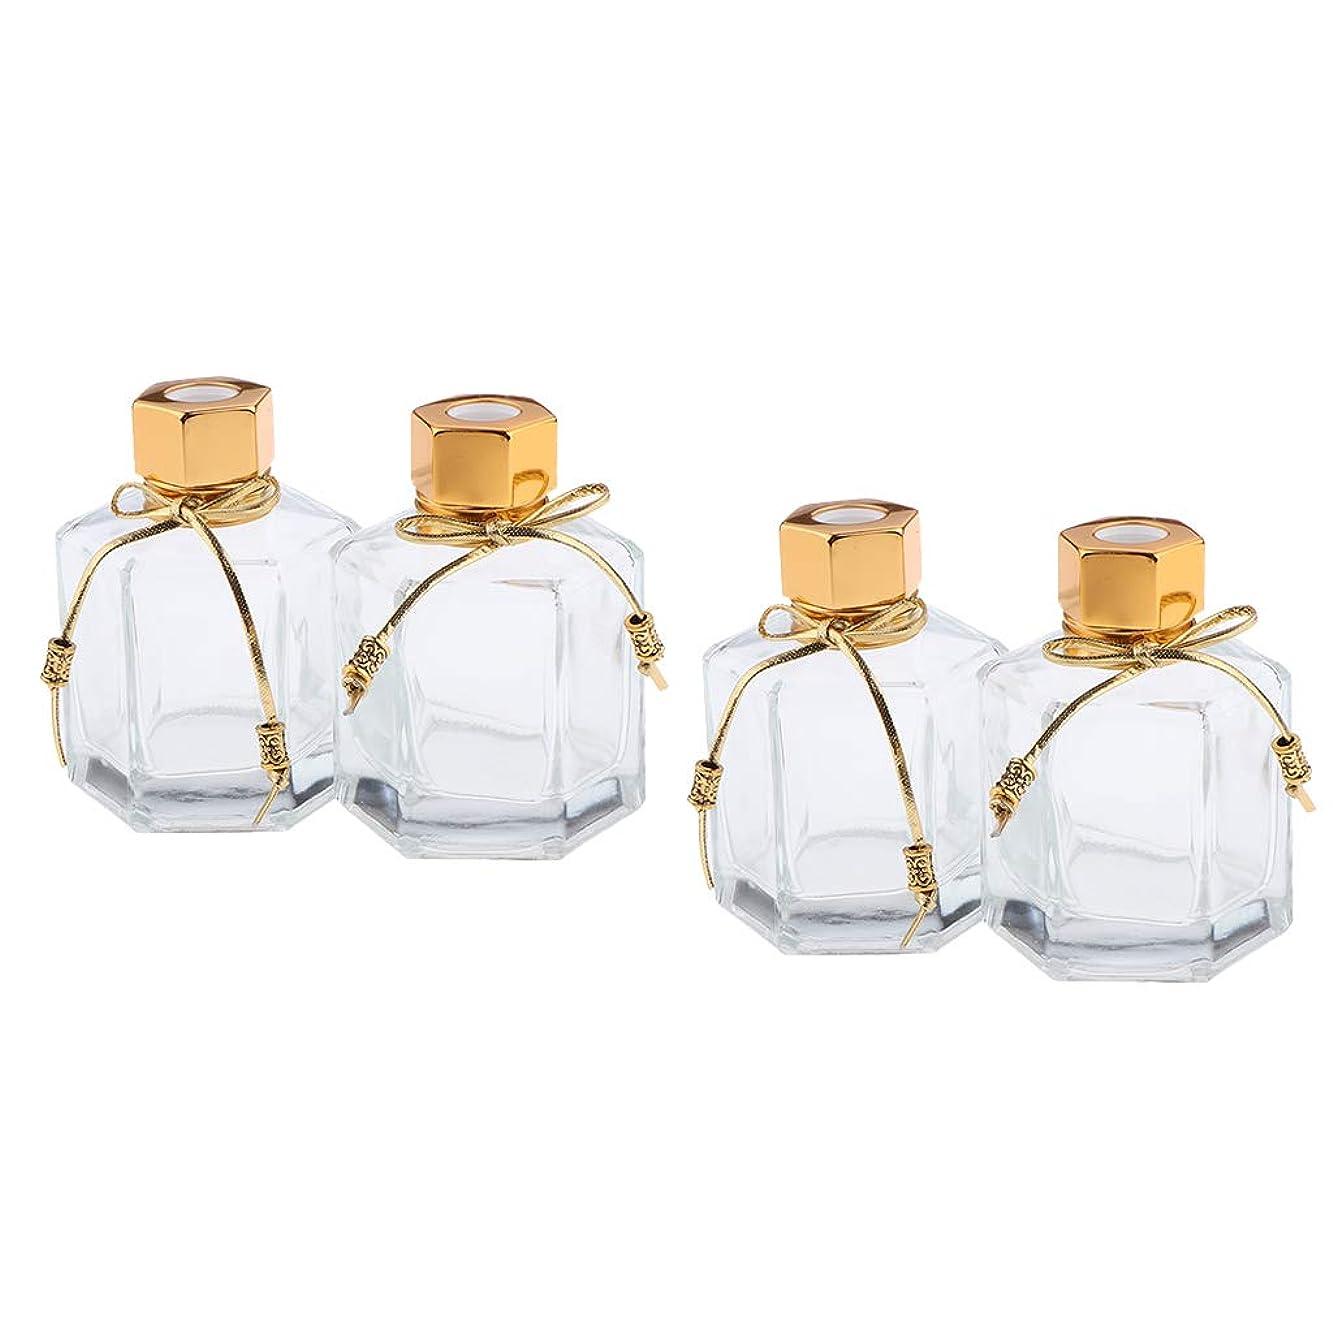 冒険者シャツ推定CUTICATE 100ミリリットル 香りディフューザーボトル 香水瓶 ガラスボトル 空 ガラス容器 4個入り